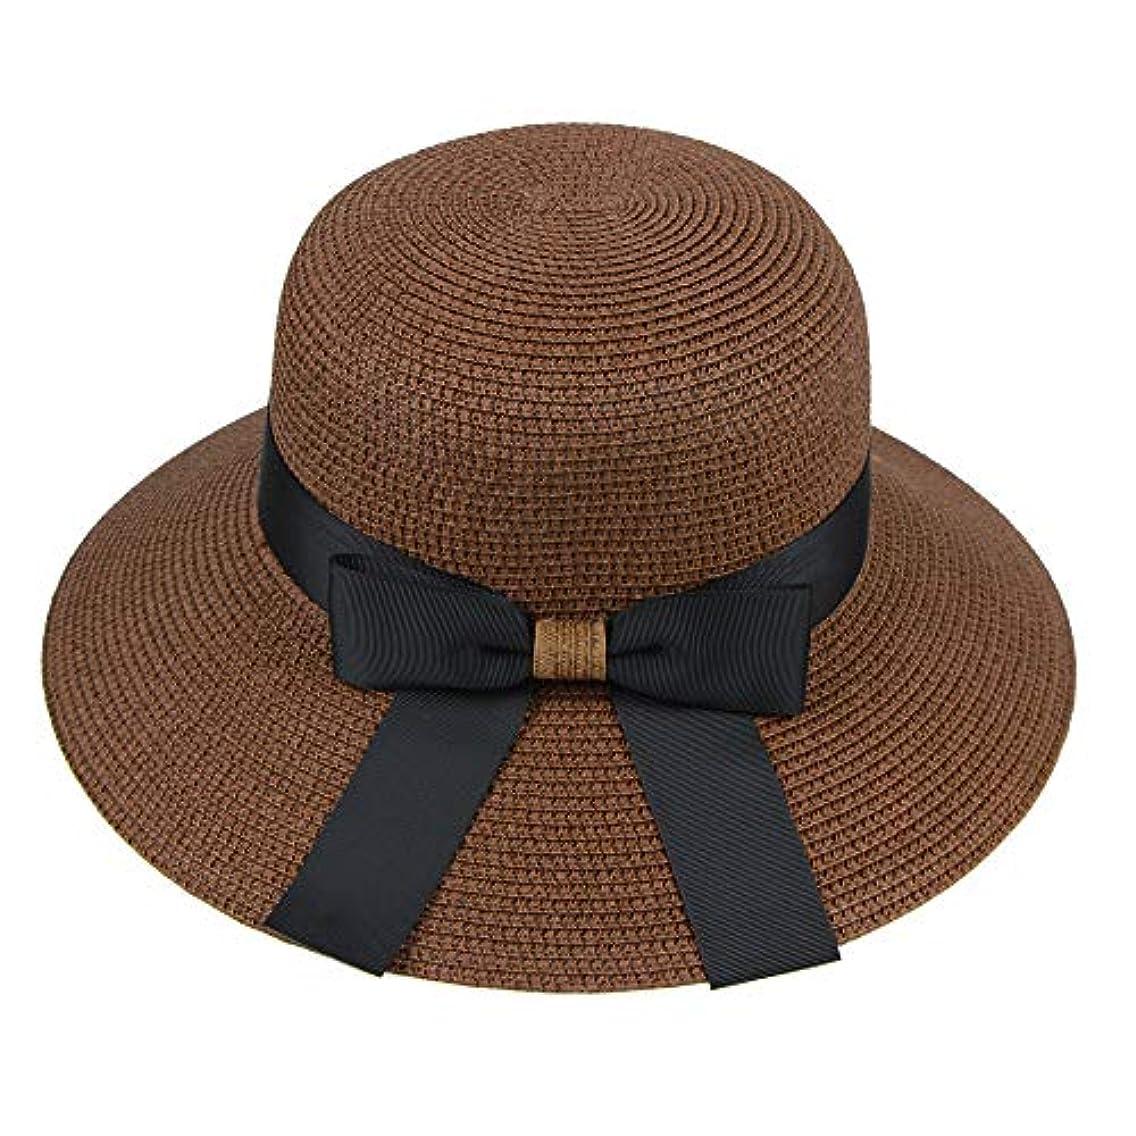 左アーサーコナンドイル才能漁師帽 帽子 レディース UVカット 帽子 夏季 海 旅行 UV帽子 日焼け防止 つば広 取り外すあご紐 おしゃれ 可愛い ワイルド カジュアル スタイル ファッション シンプル 夏 ビーチ 必須 小顔効果 ROSE ROMAN